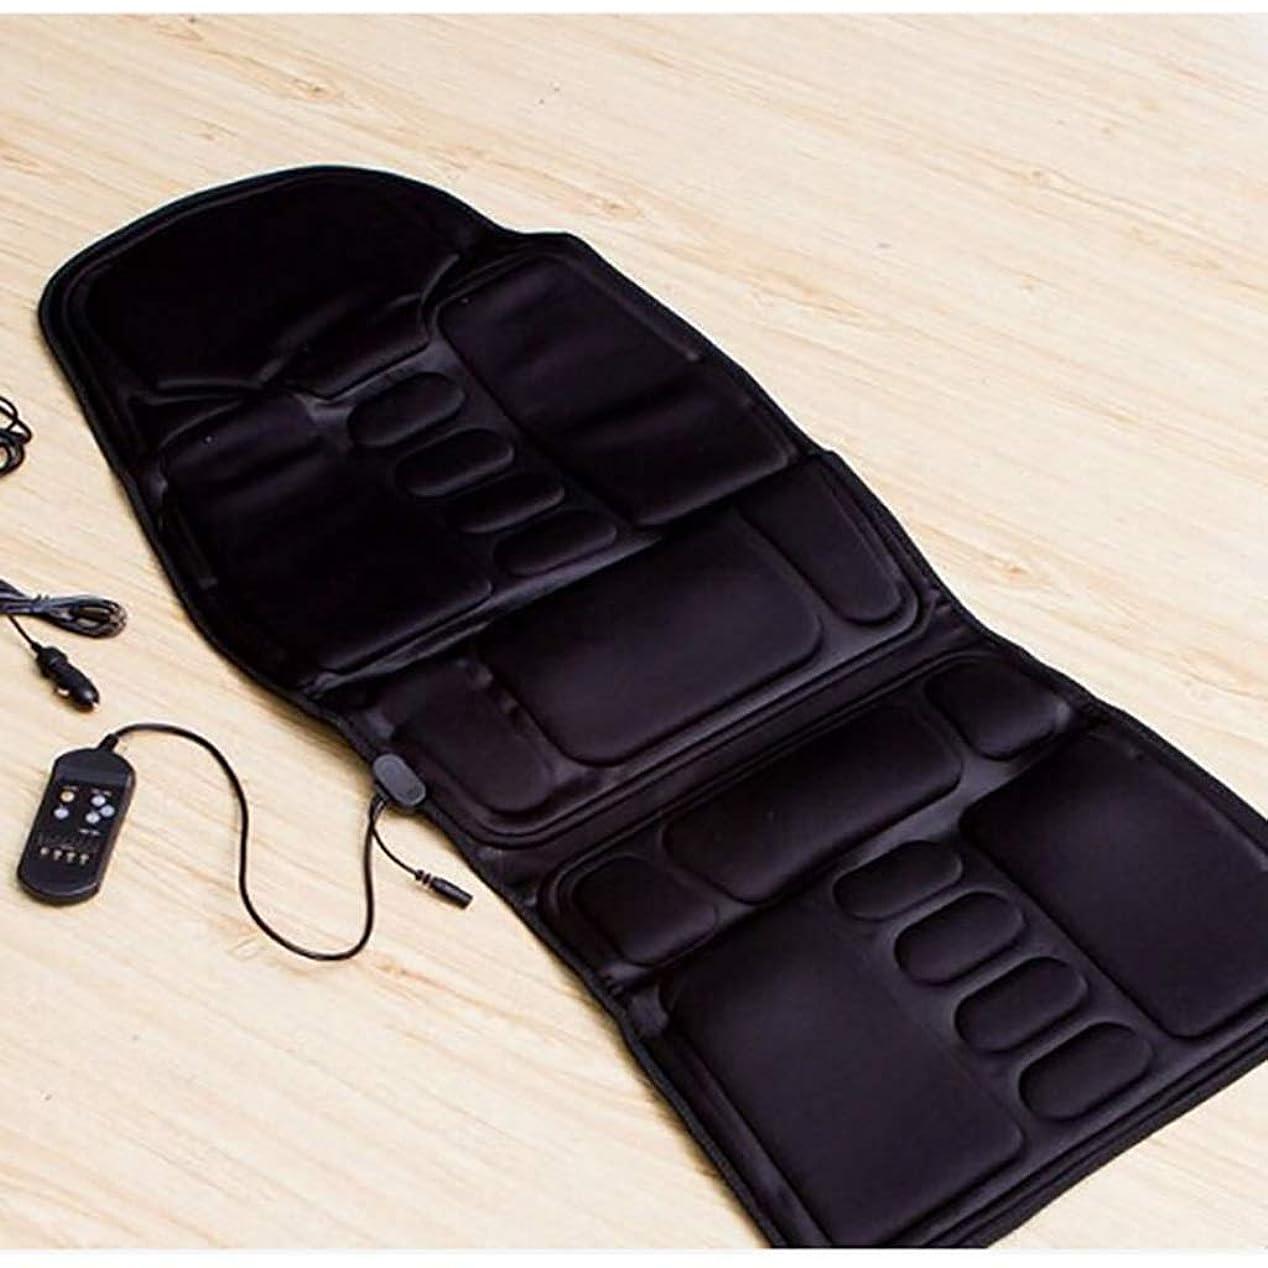 ぺディカブジョグジャーナリストマッサージチェアパッド 8つのカスタマイズされたモードに加えて自宅、車またはオフィスでの使用に最適なヒップボディー筋肉の痛みを軽減するためのシートクッションの振動マッサージクッション振動 バックマッサージャー